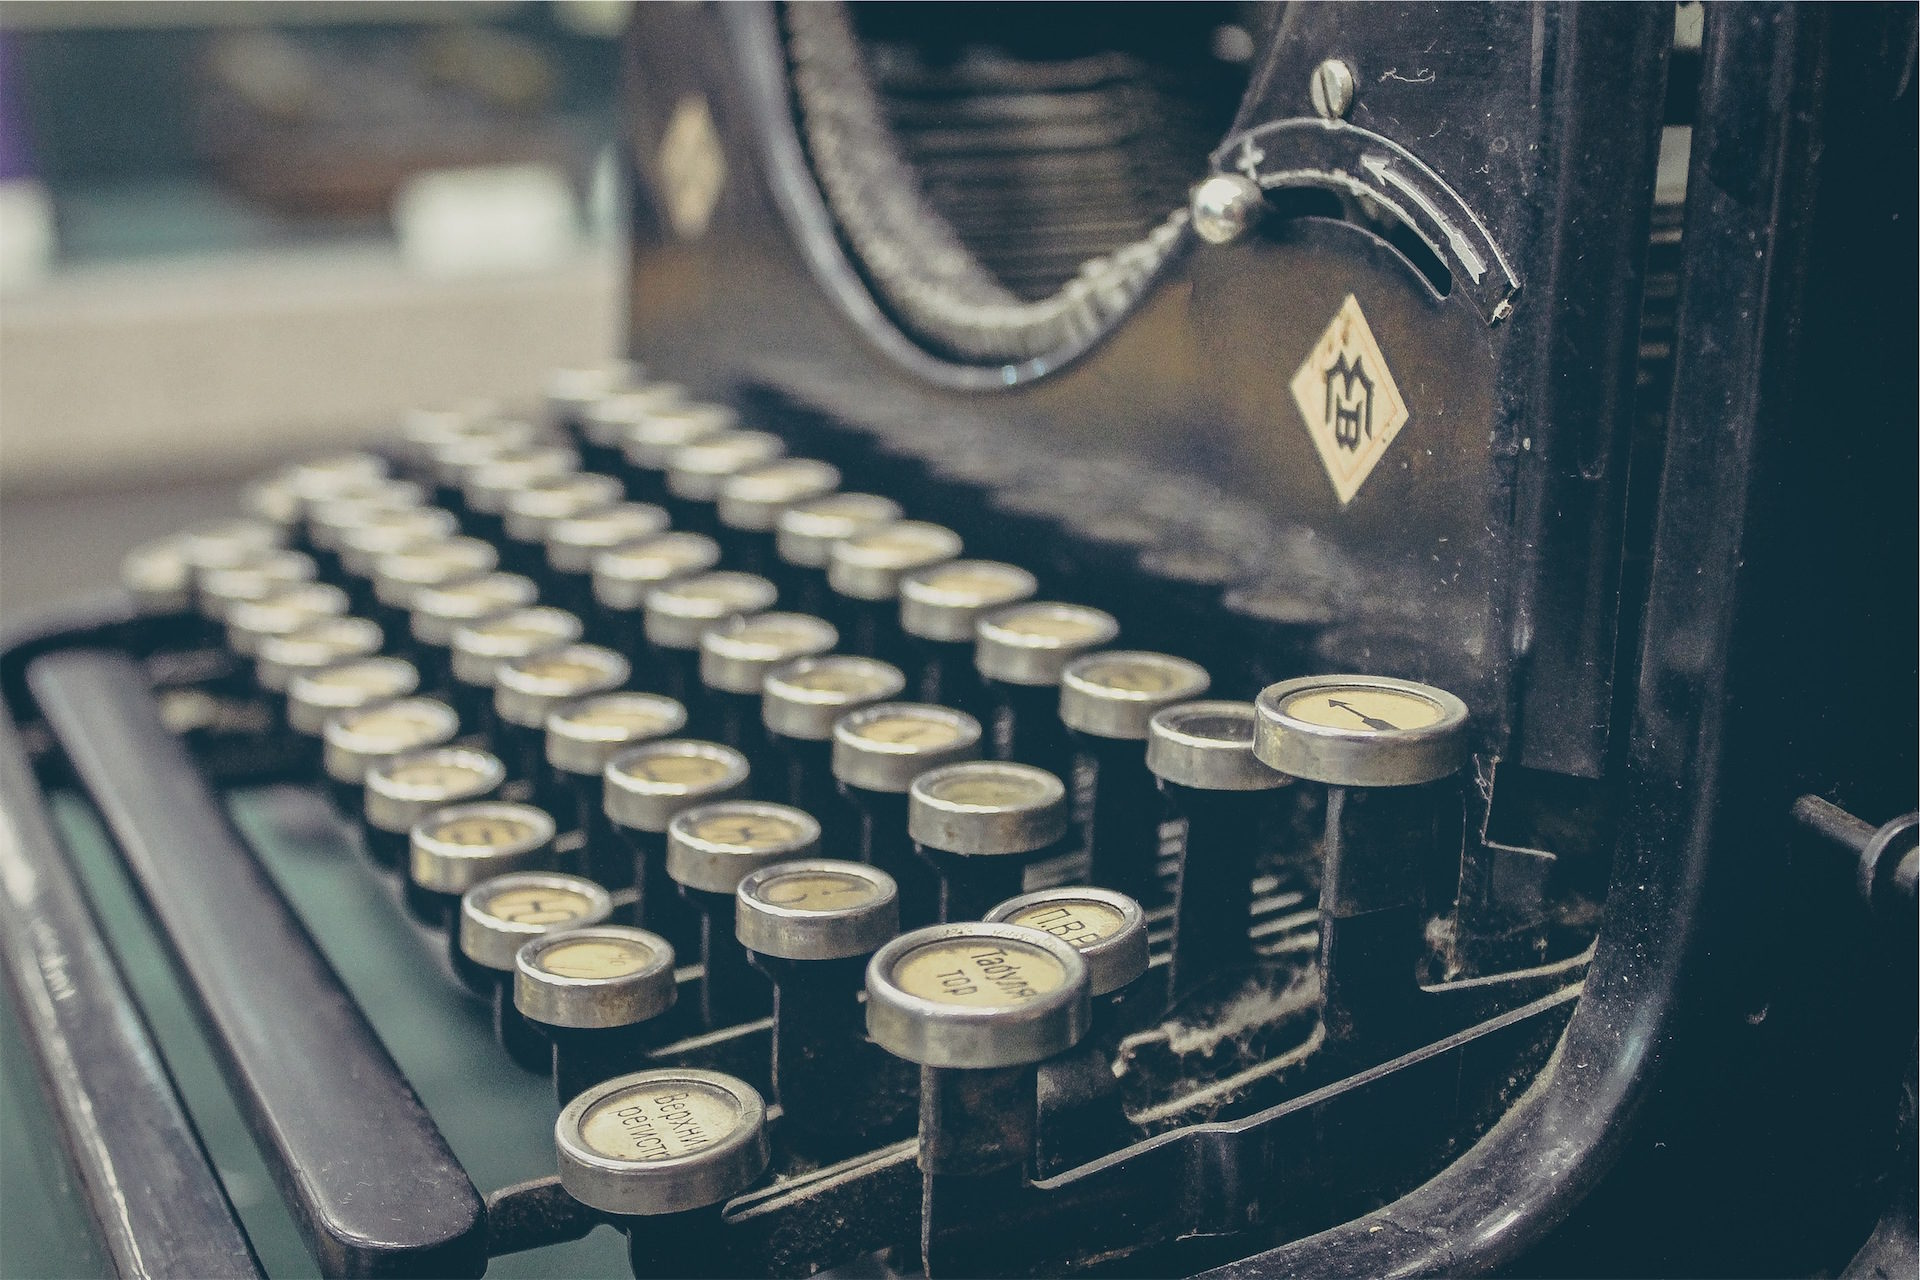 máquina, escribir, teclas, vieja, vintage - Fondos de Pantalla HD - professor-falken.com